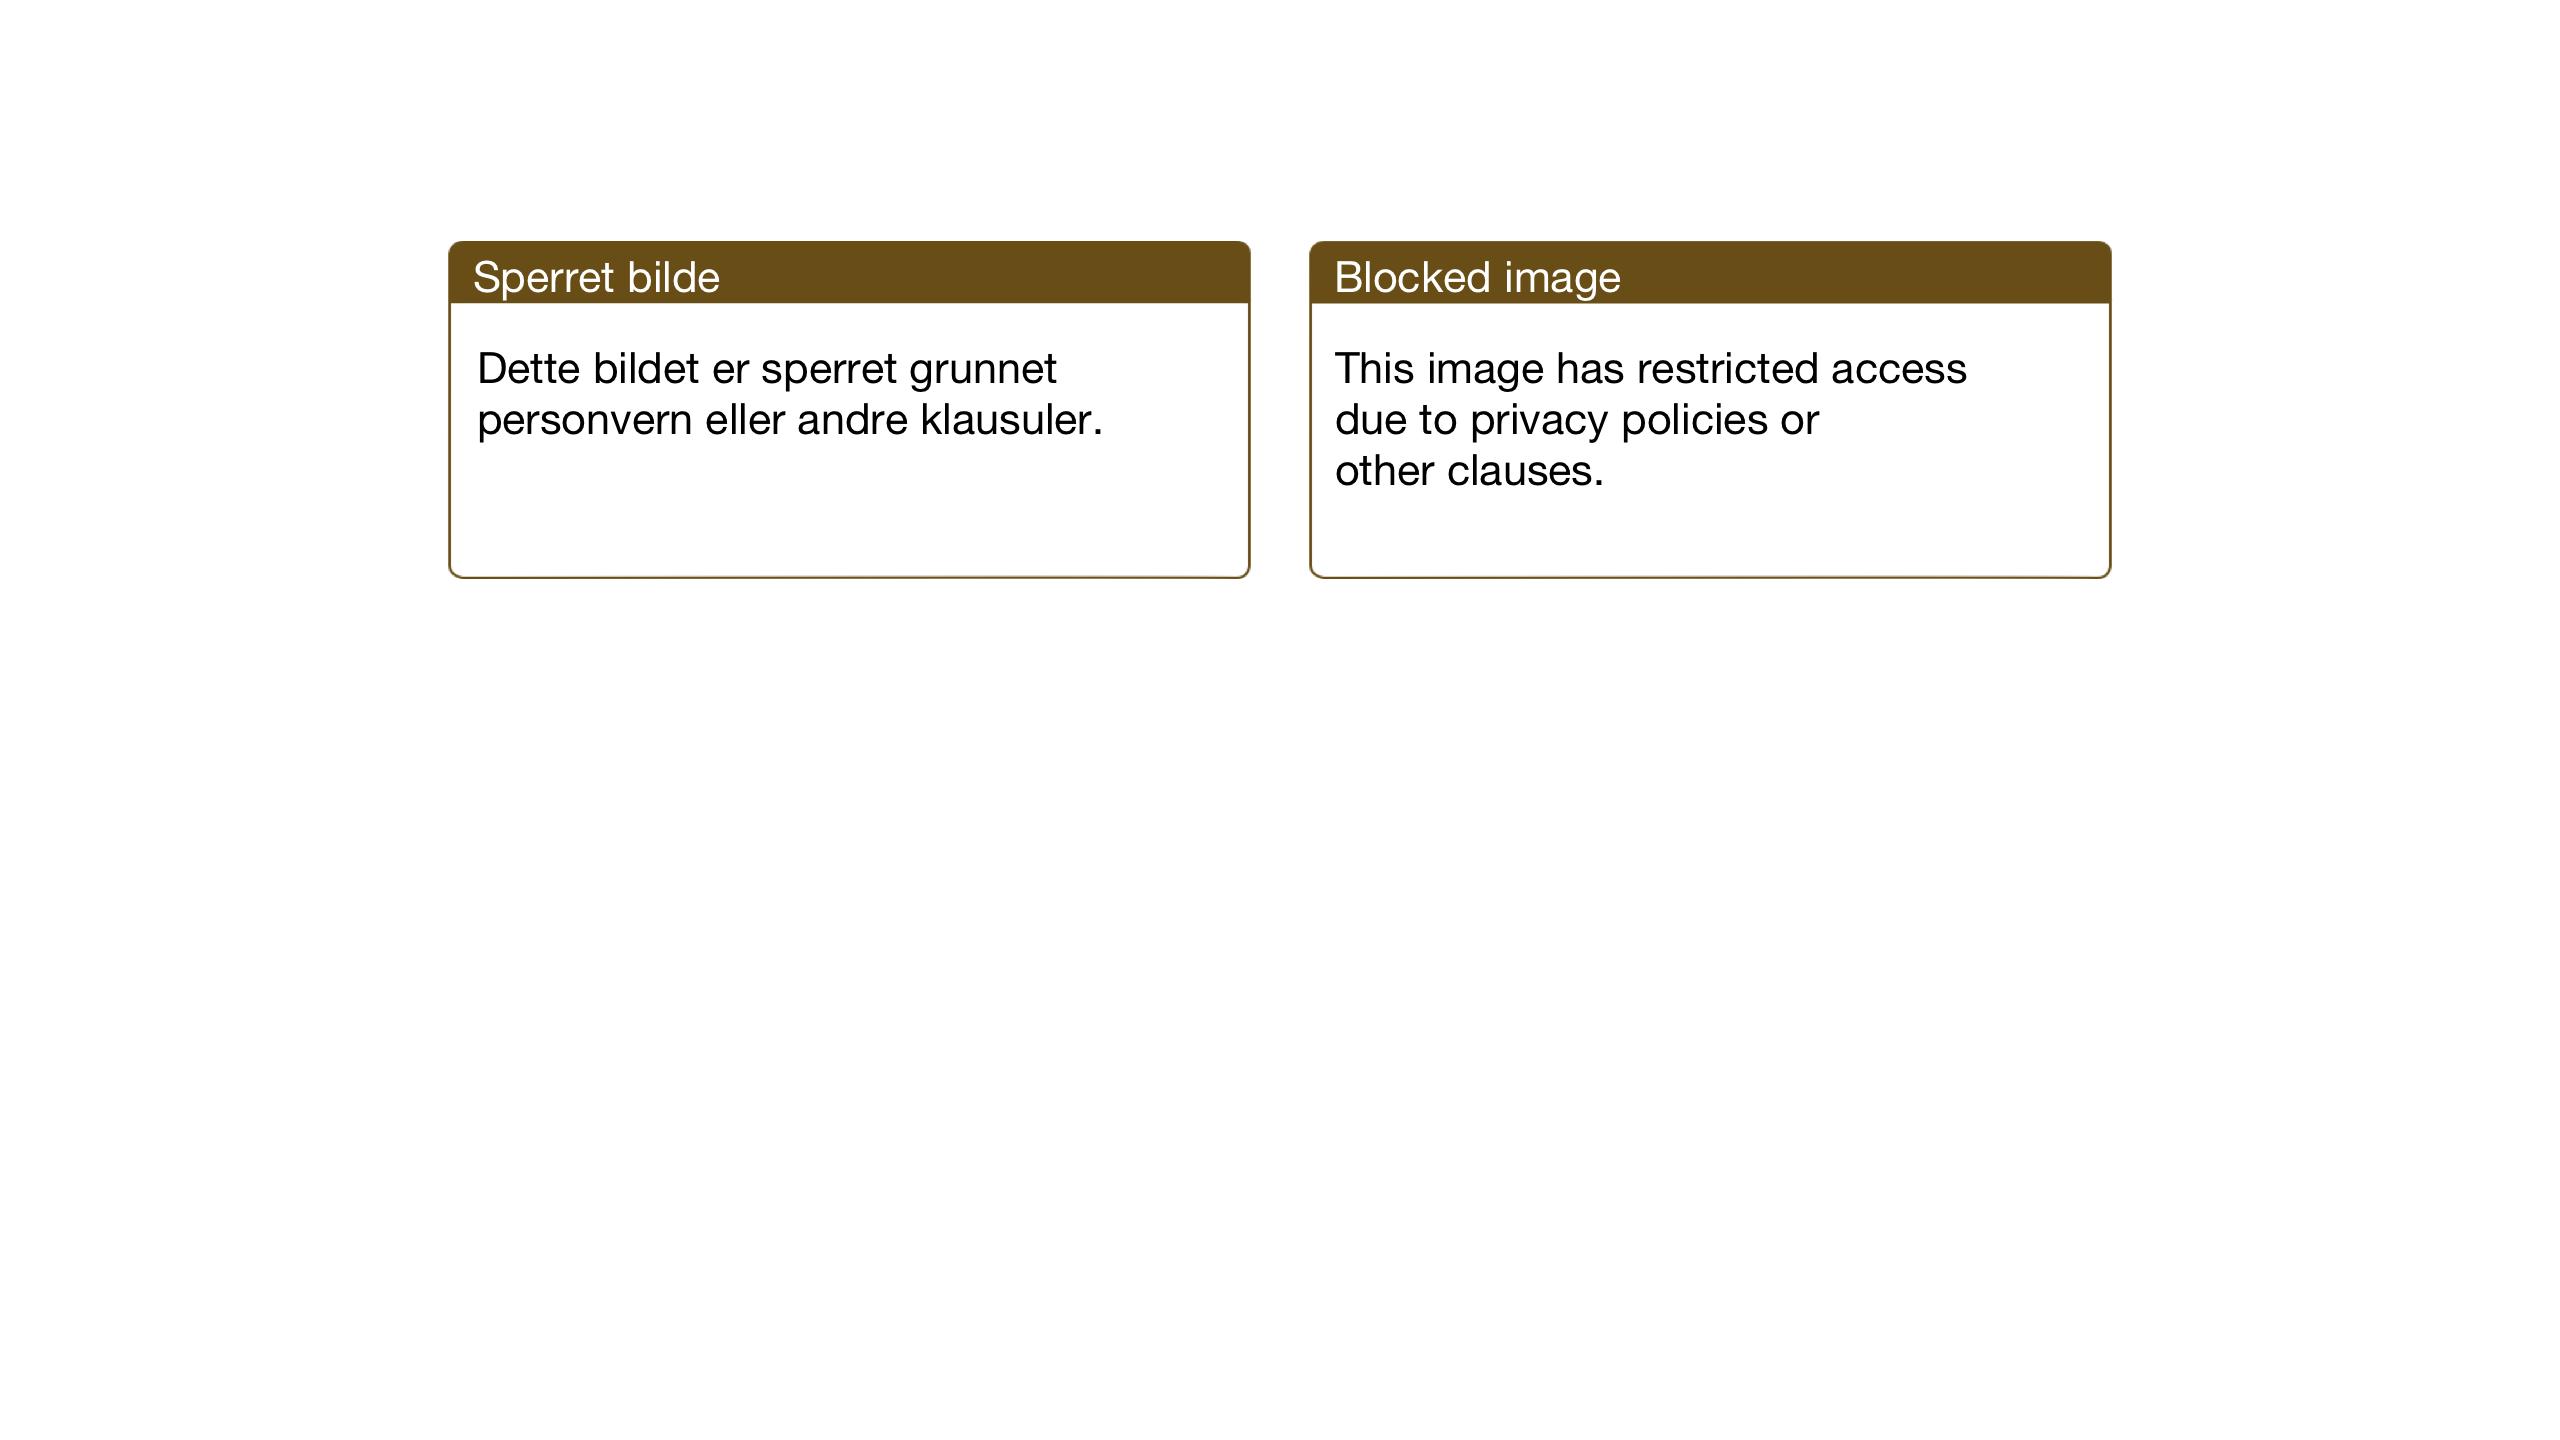 SAT, Ministerialprotokoller, klokkerbøker og fødselsregistre - Nord-Trøndelag, 722/L0227: Klokkerbok nr. 722C03, 1928-1958, s. 17